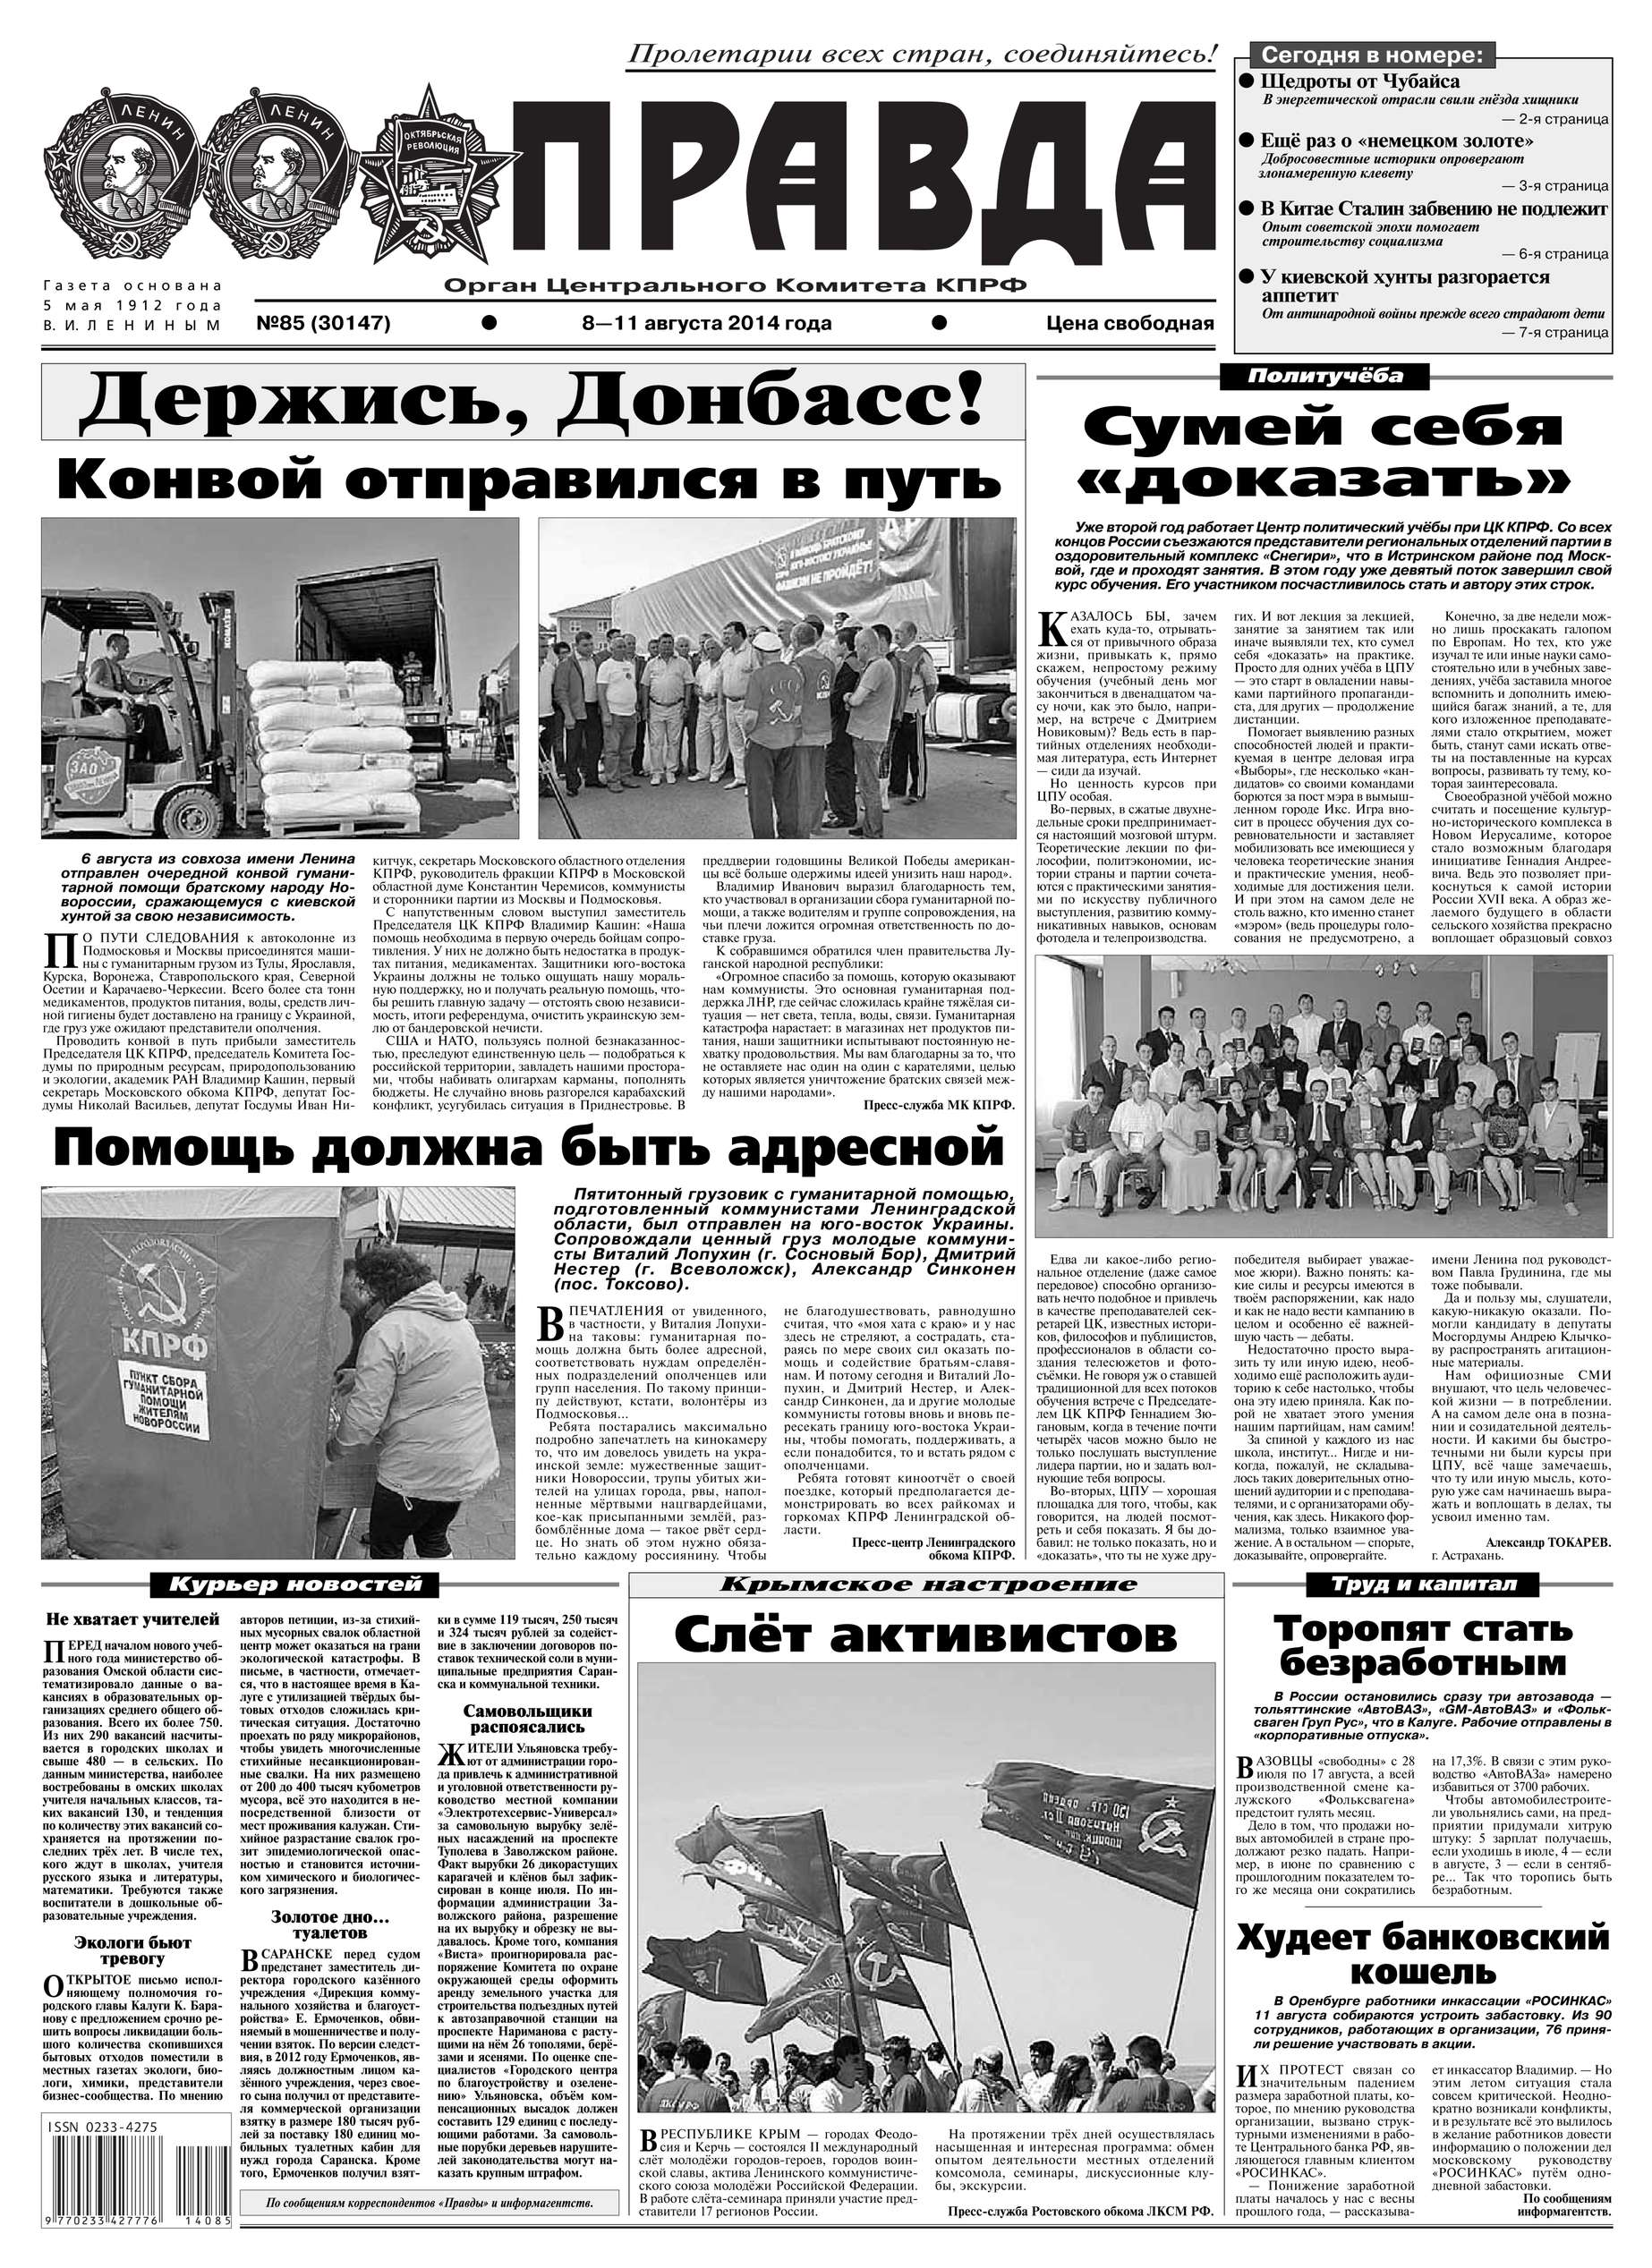 Редакция газеты Правда Правда 85 редакция газеты правда правда 85 2016